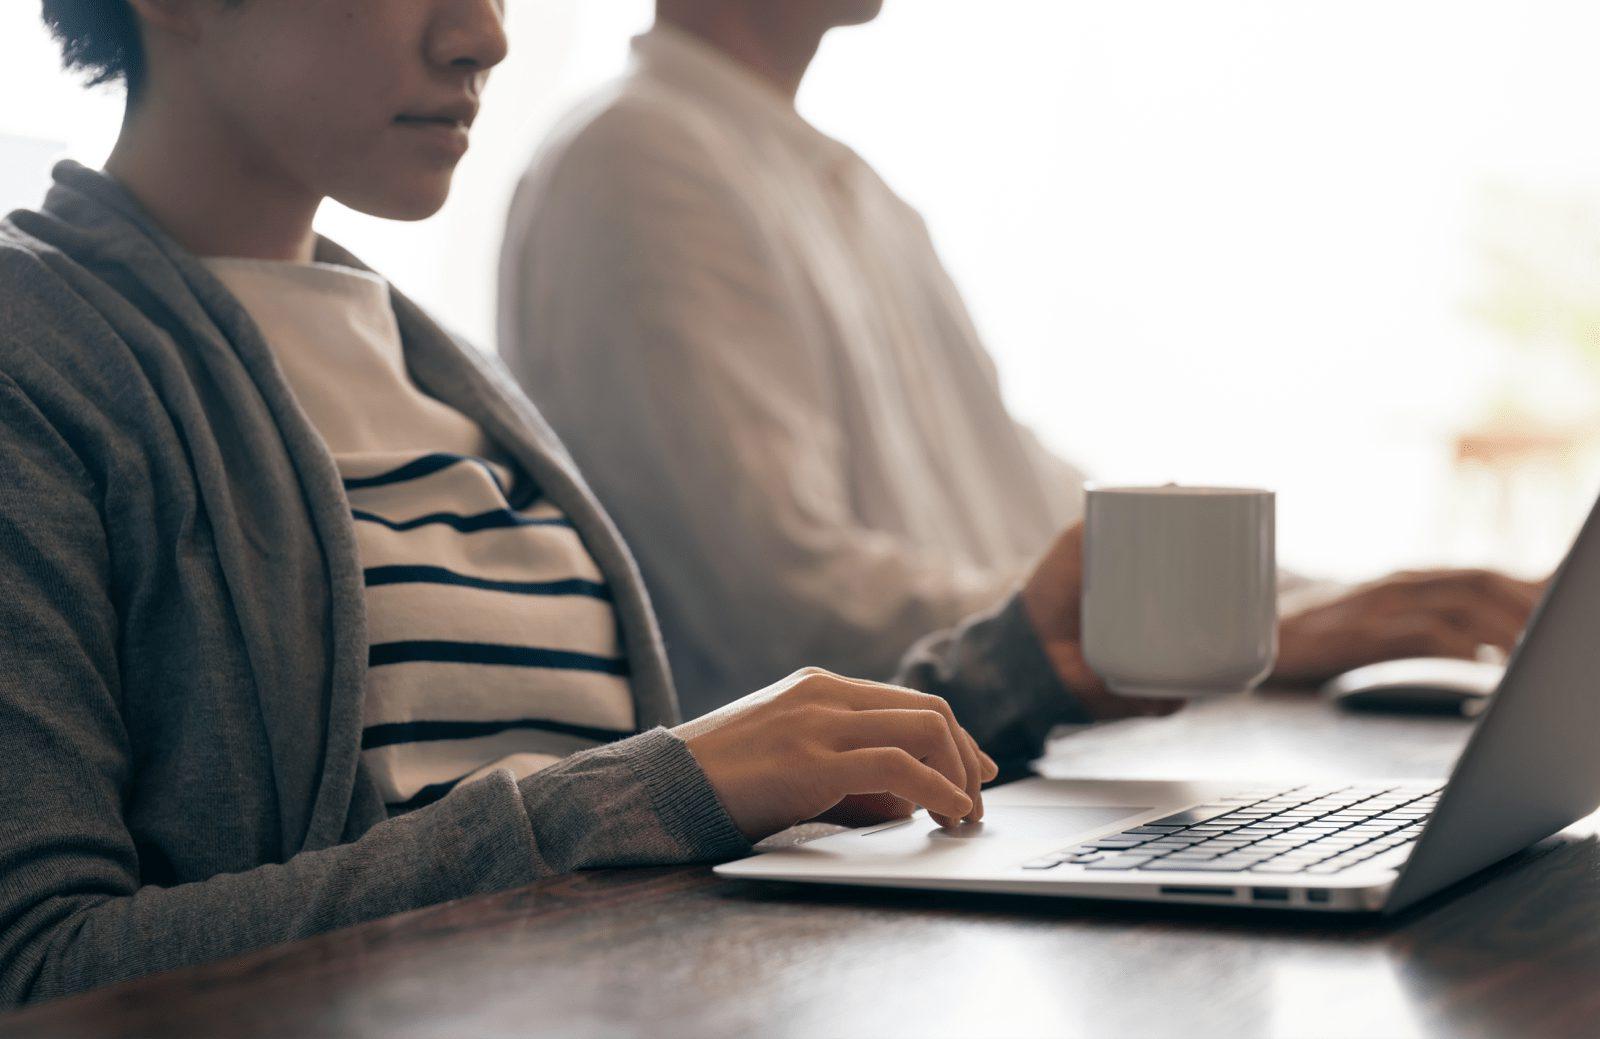 コーヒーを飲みながら仕事をする男性